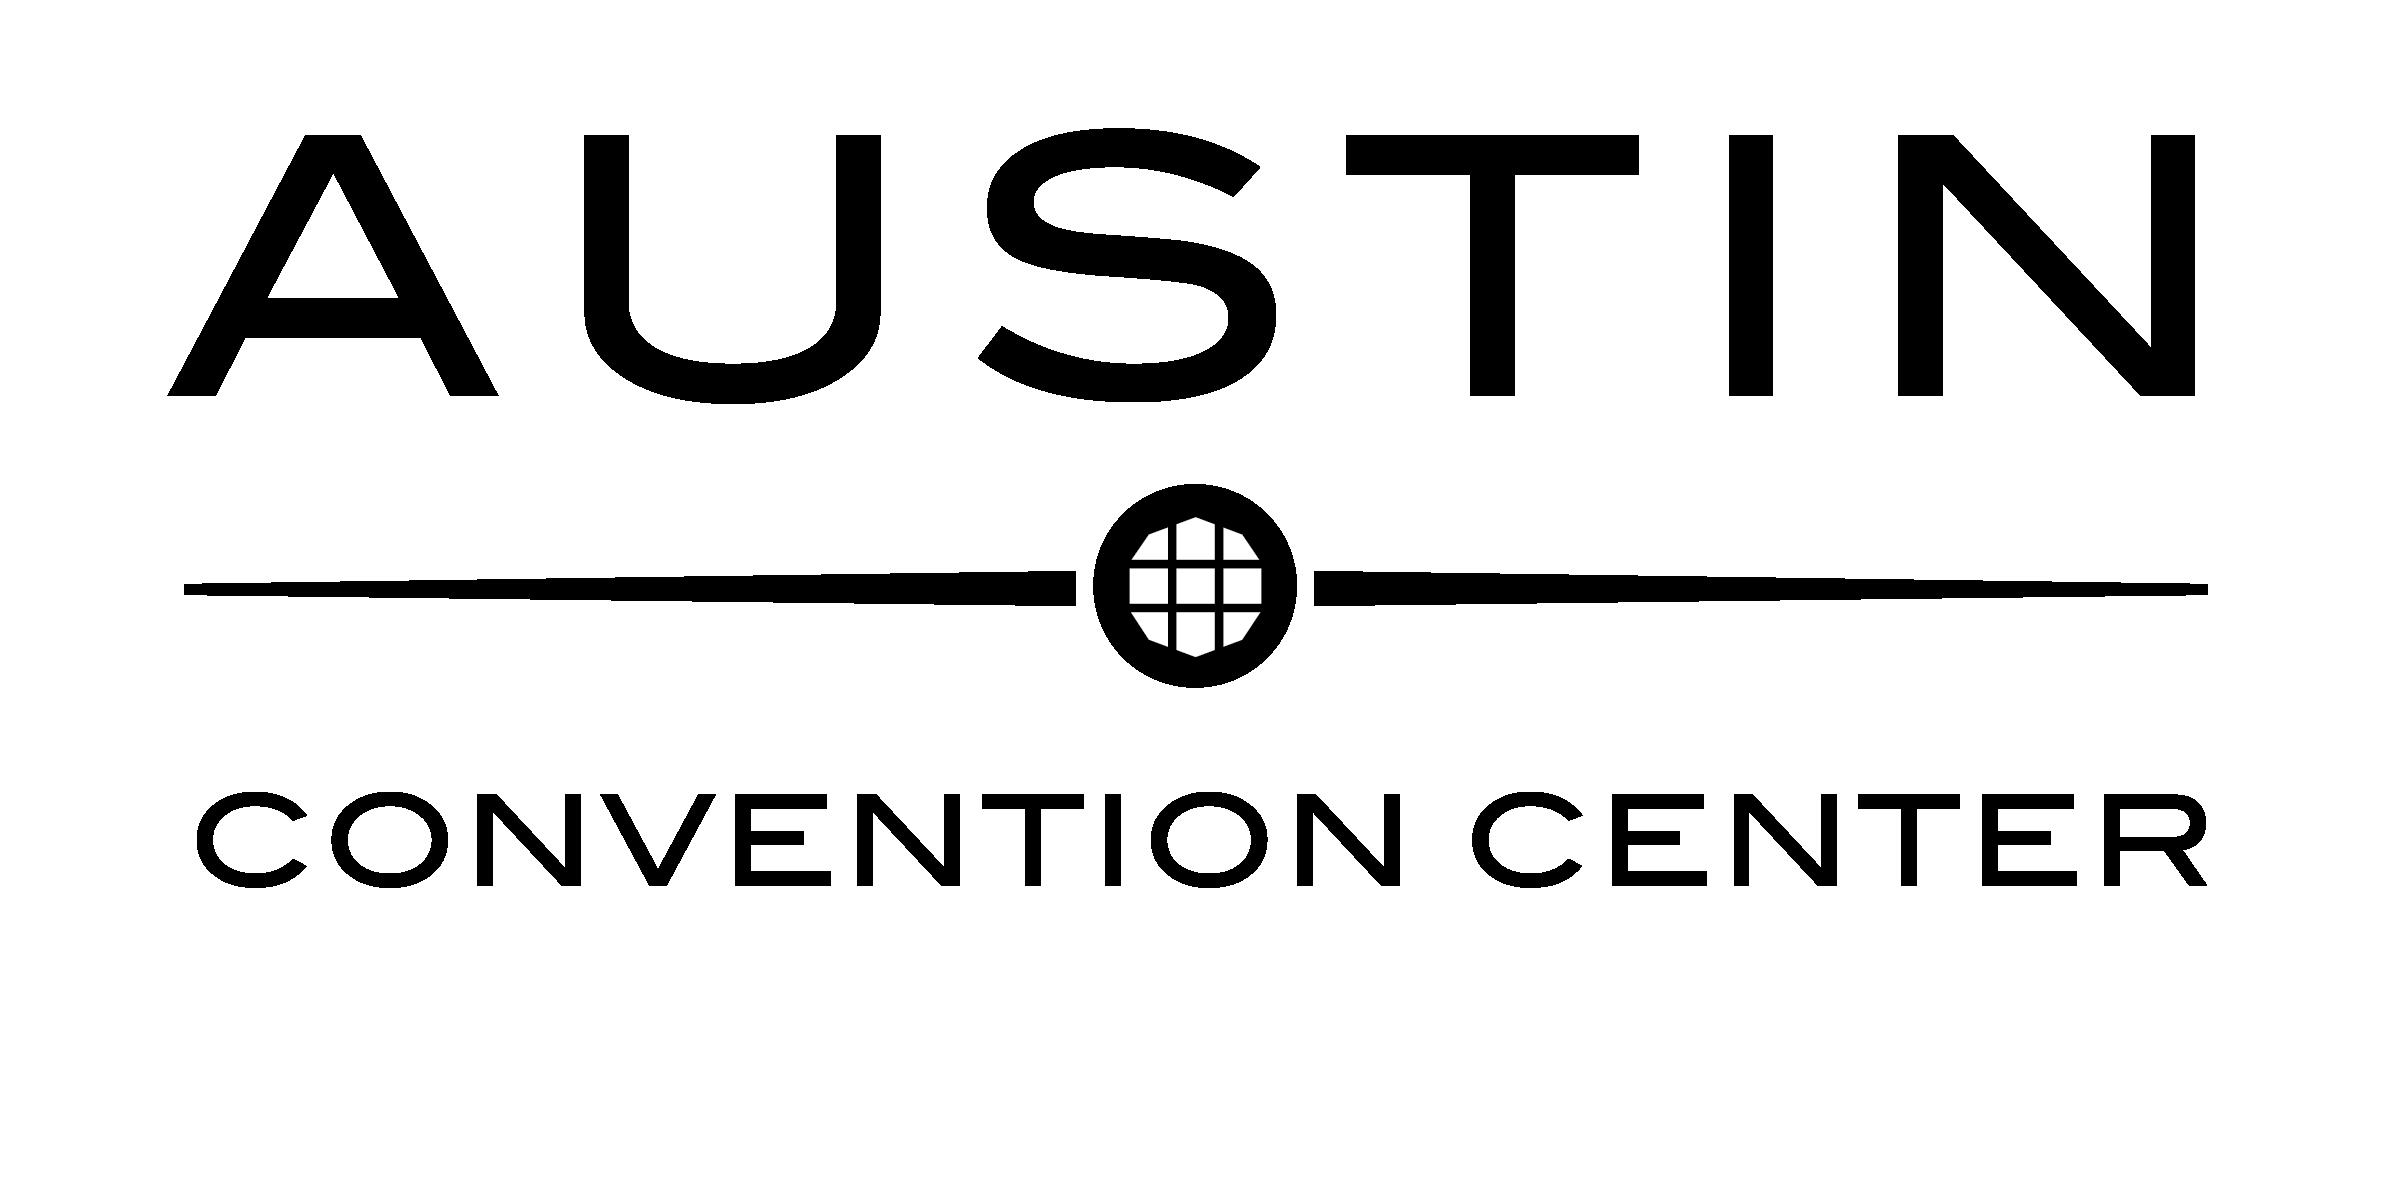 acc_logo_White_reverse-01.png